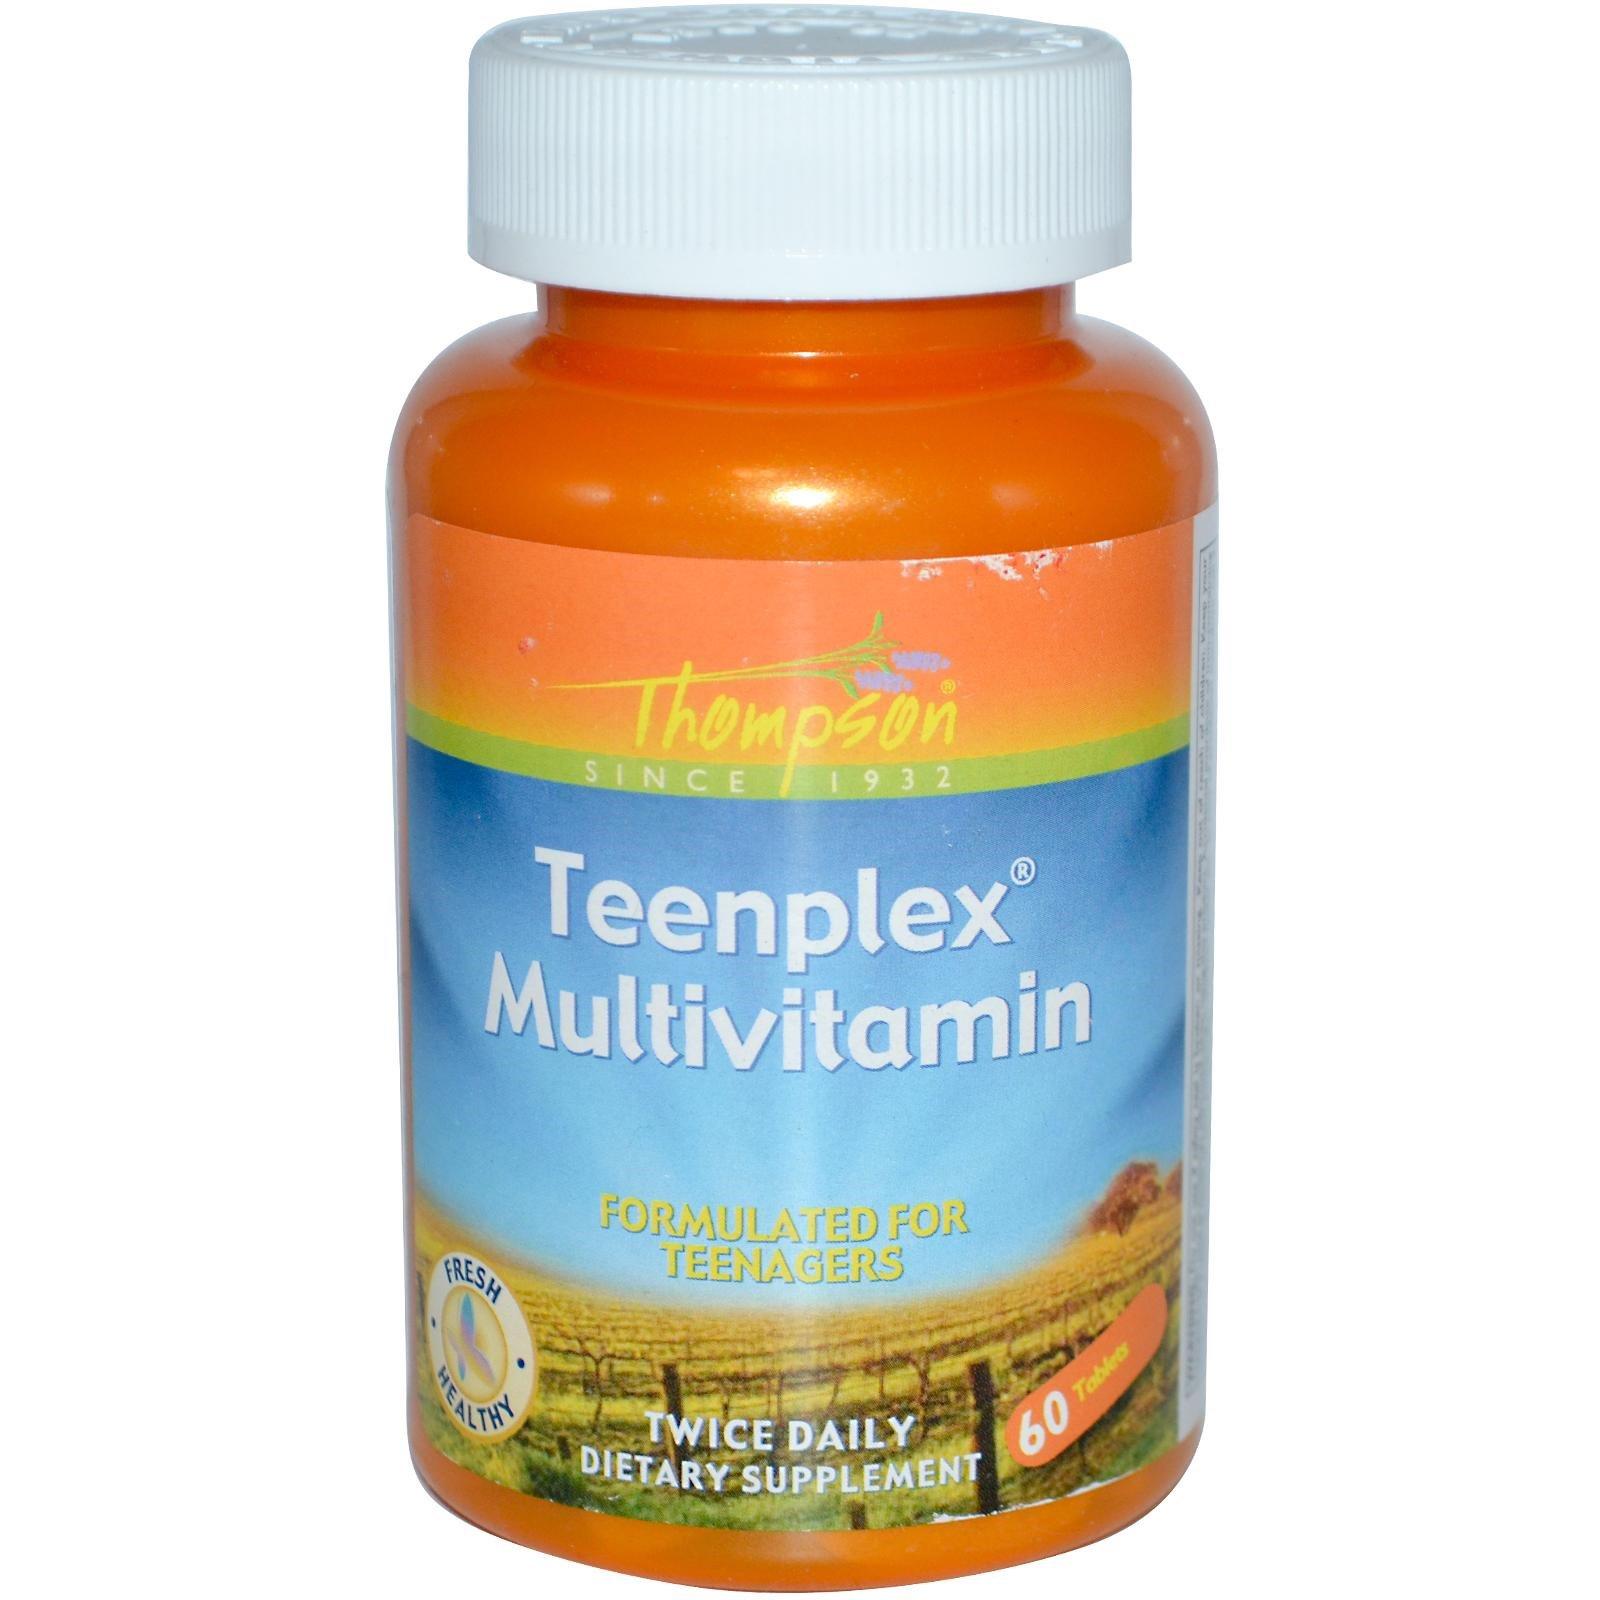 Thompson, Teenplex мультивитамины, 60 таблеток